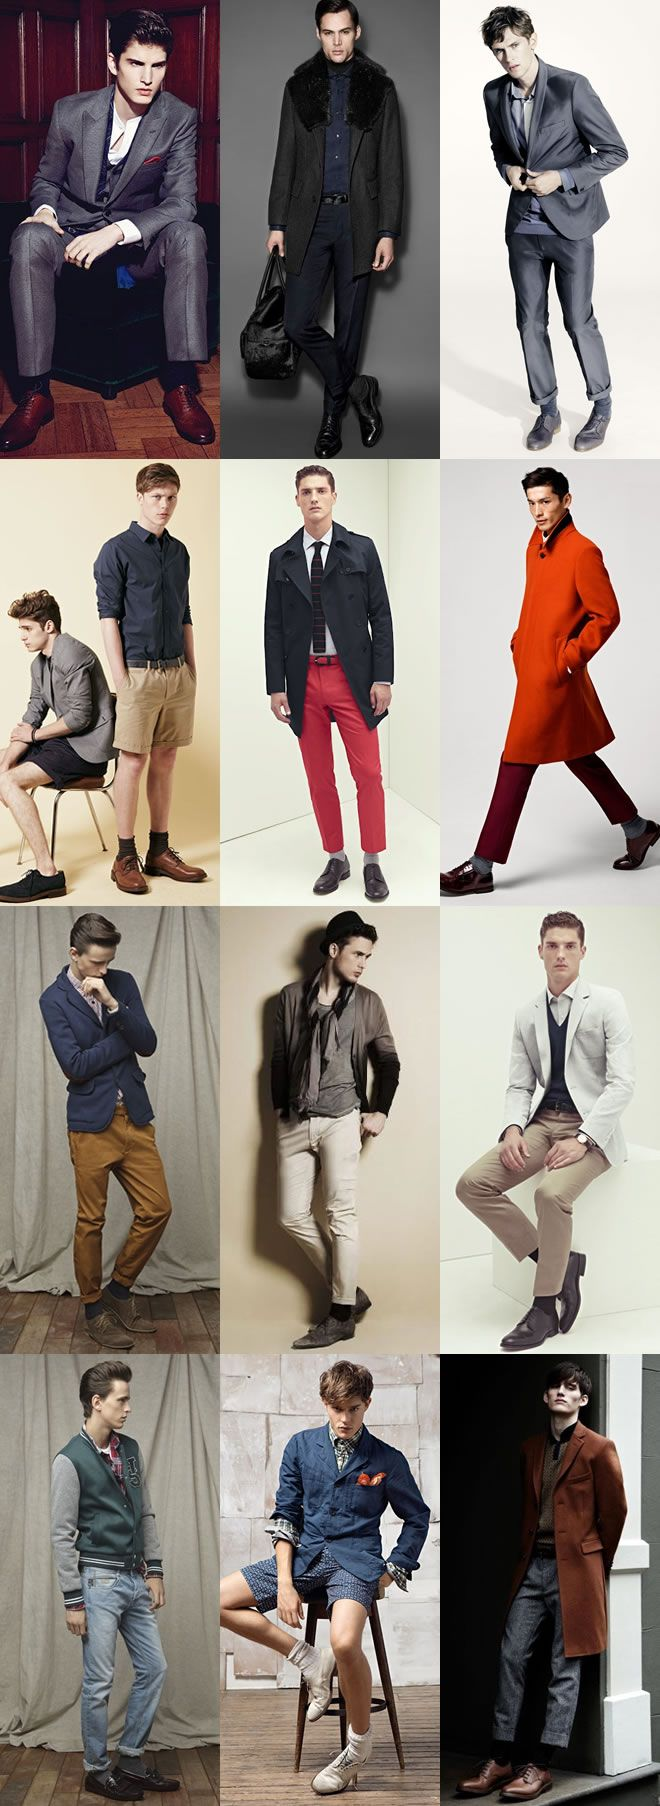 Men's Neutral Socks Lookbook Inspiration